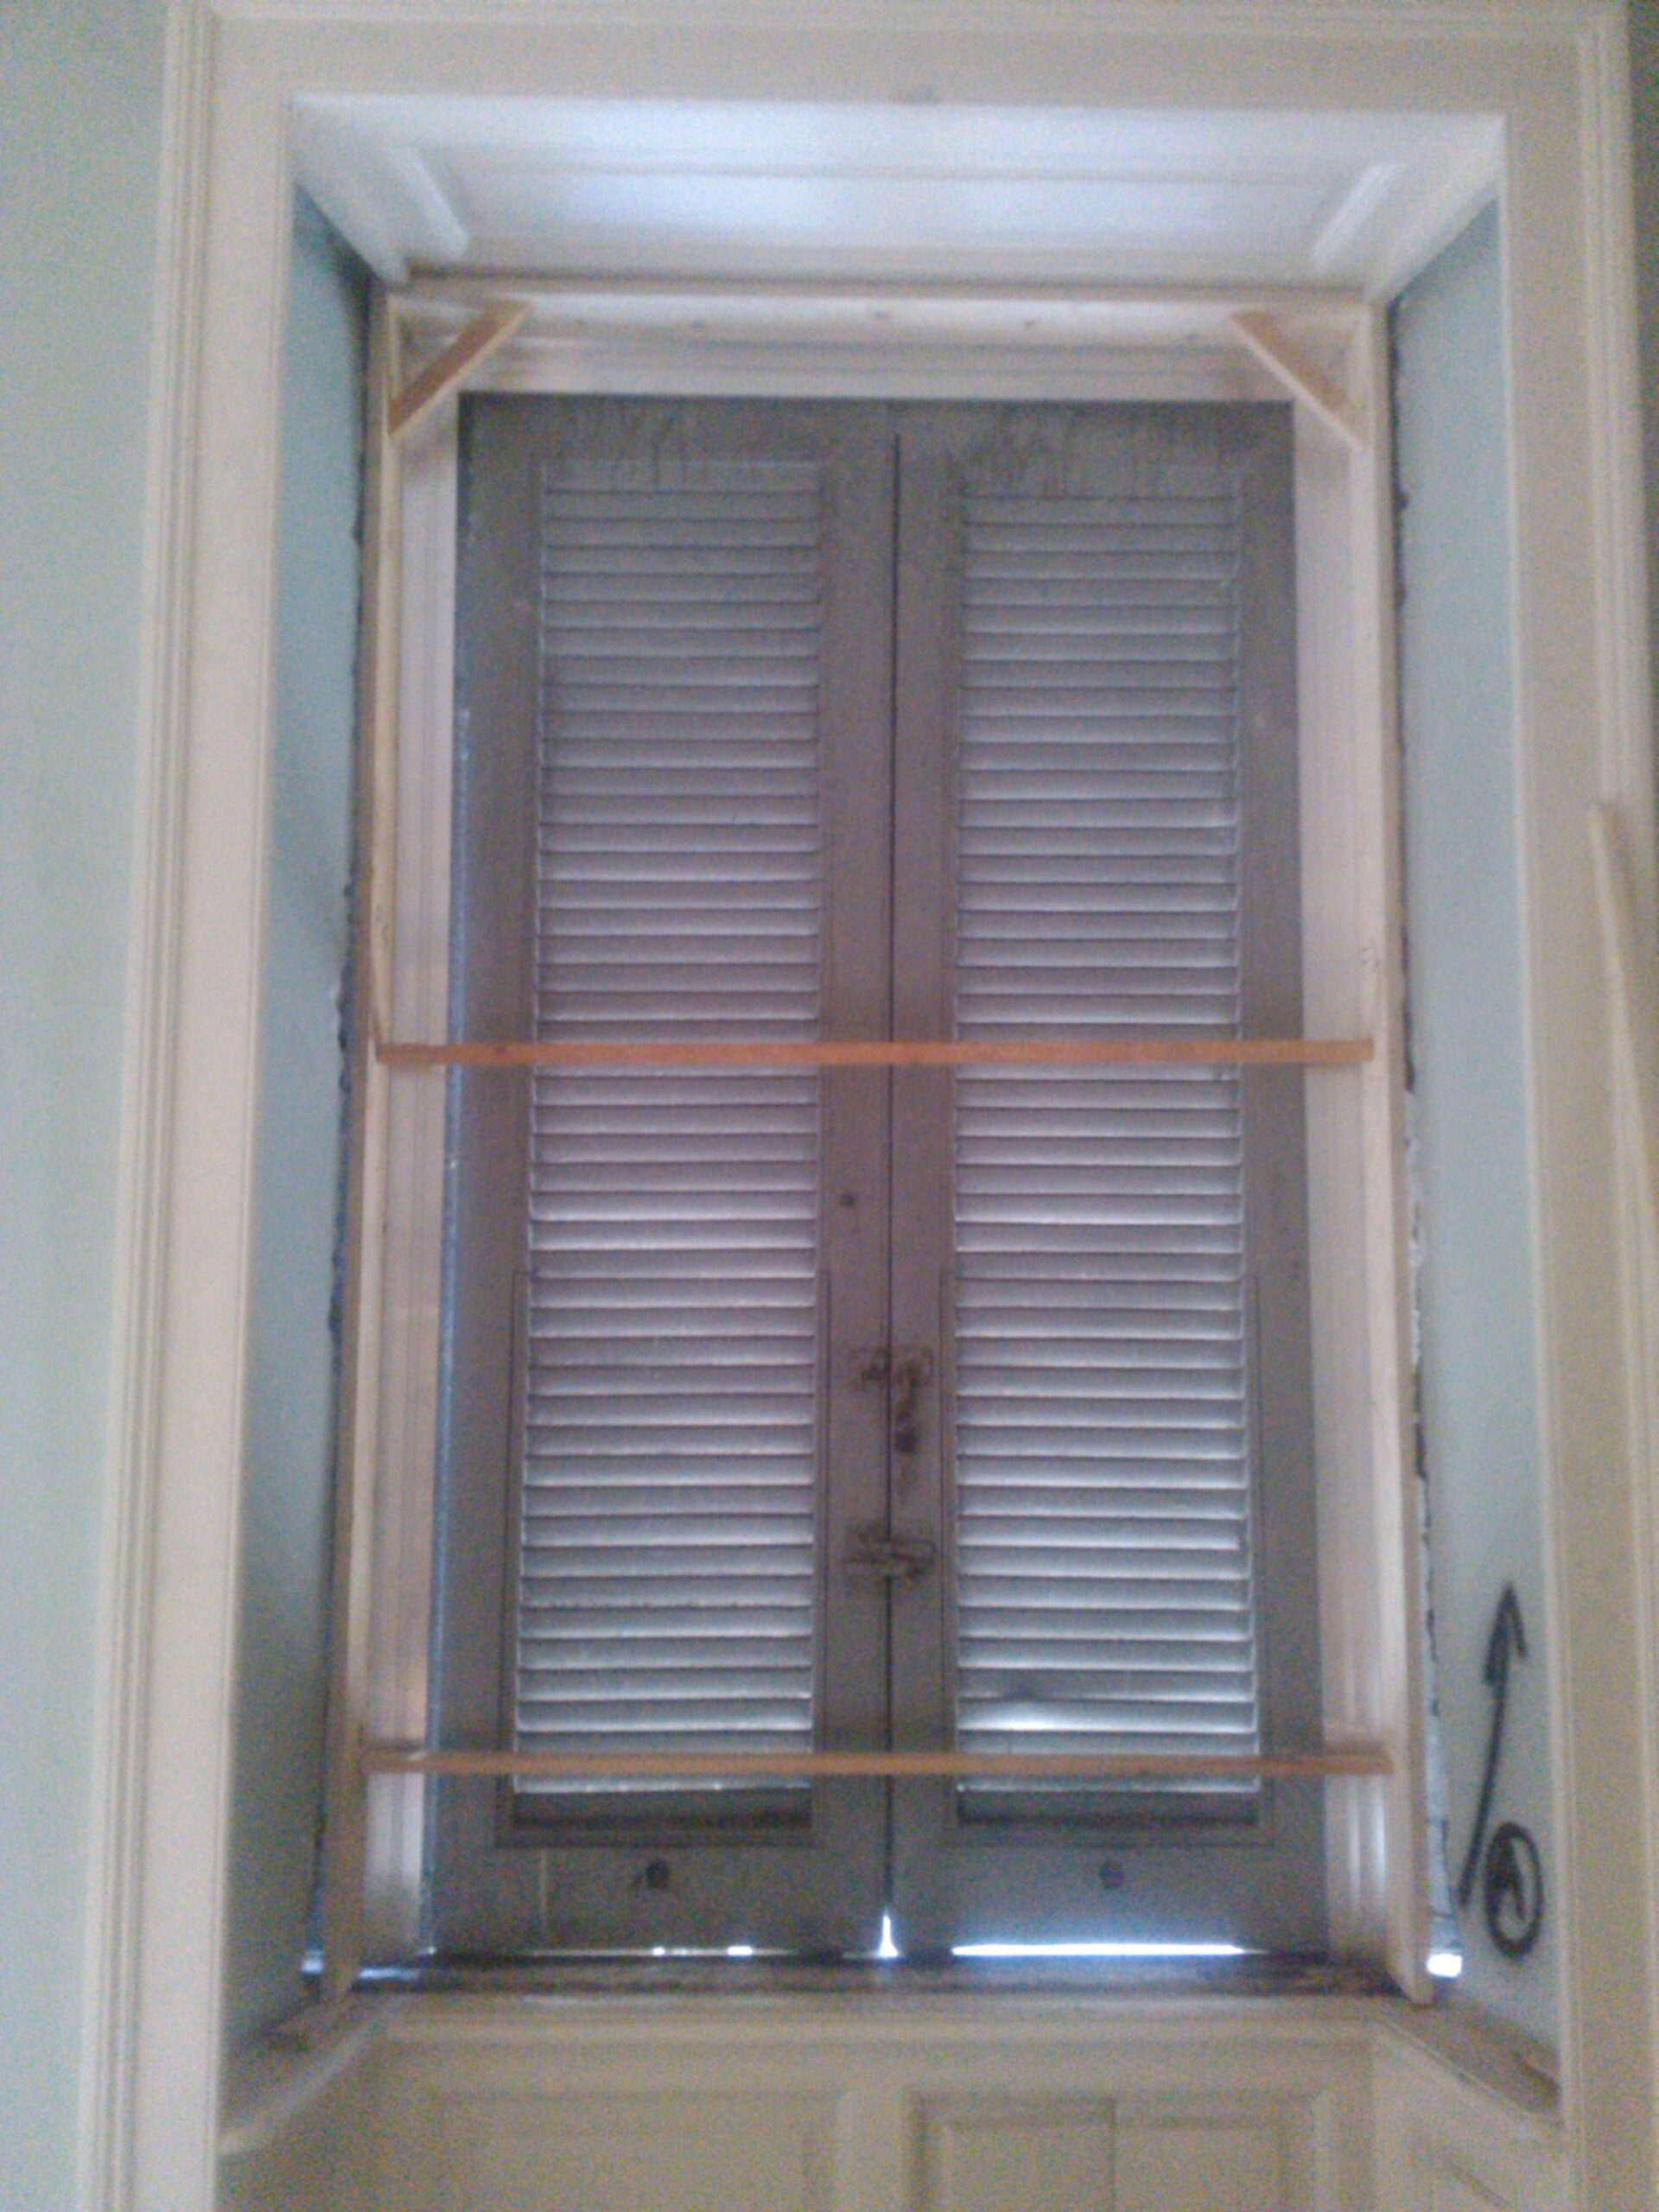 18. Installazione di telai infissi serramenti: lavori in corso.